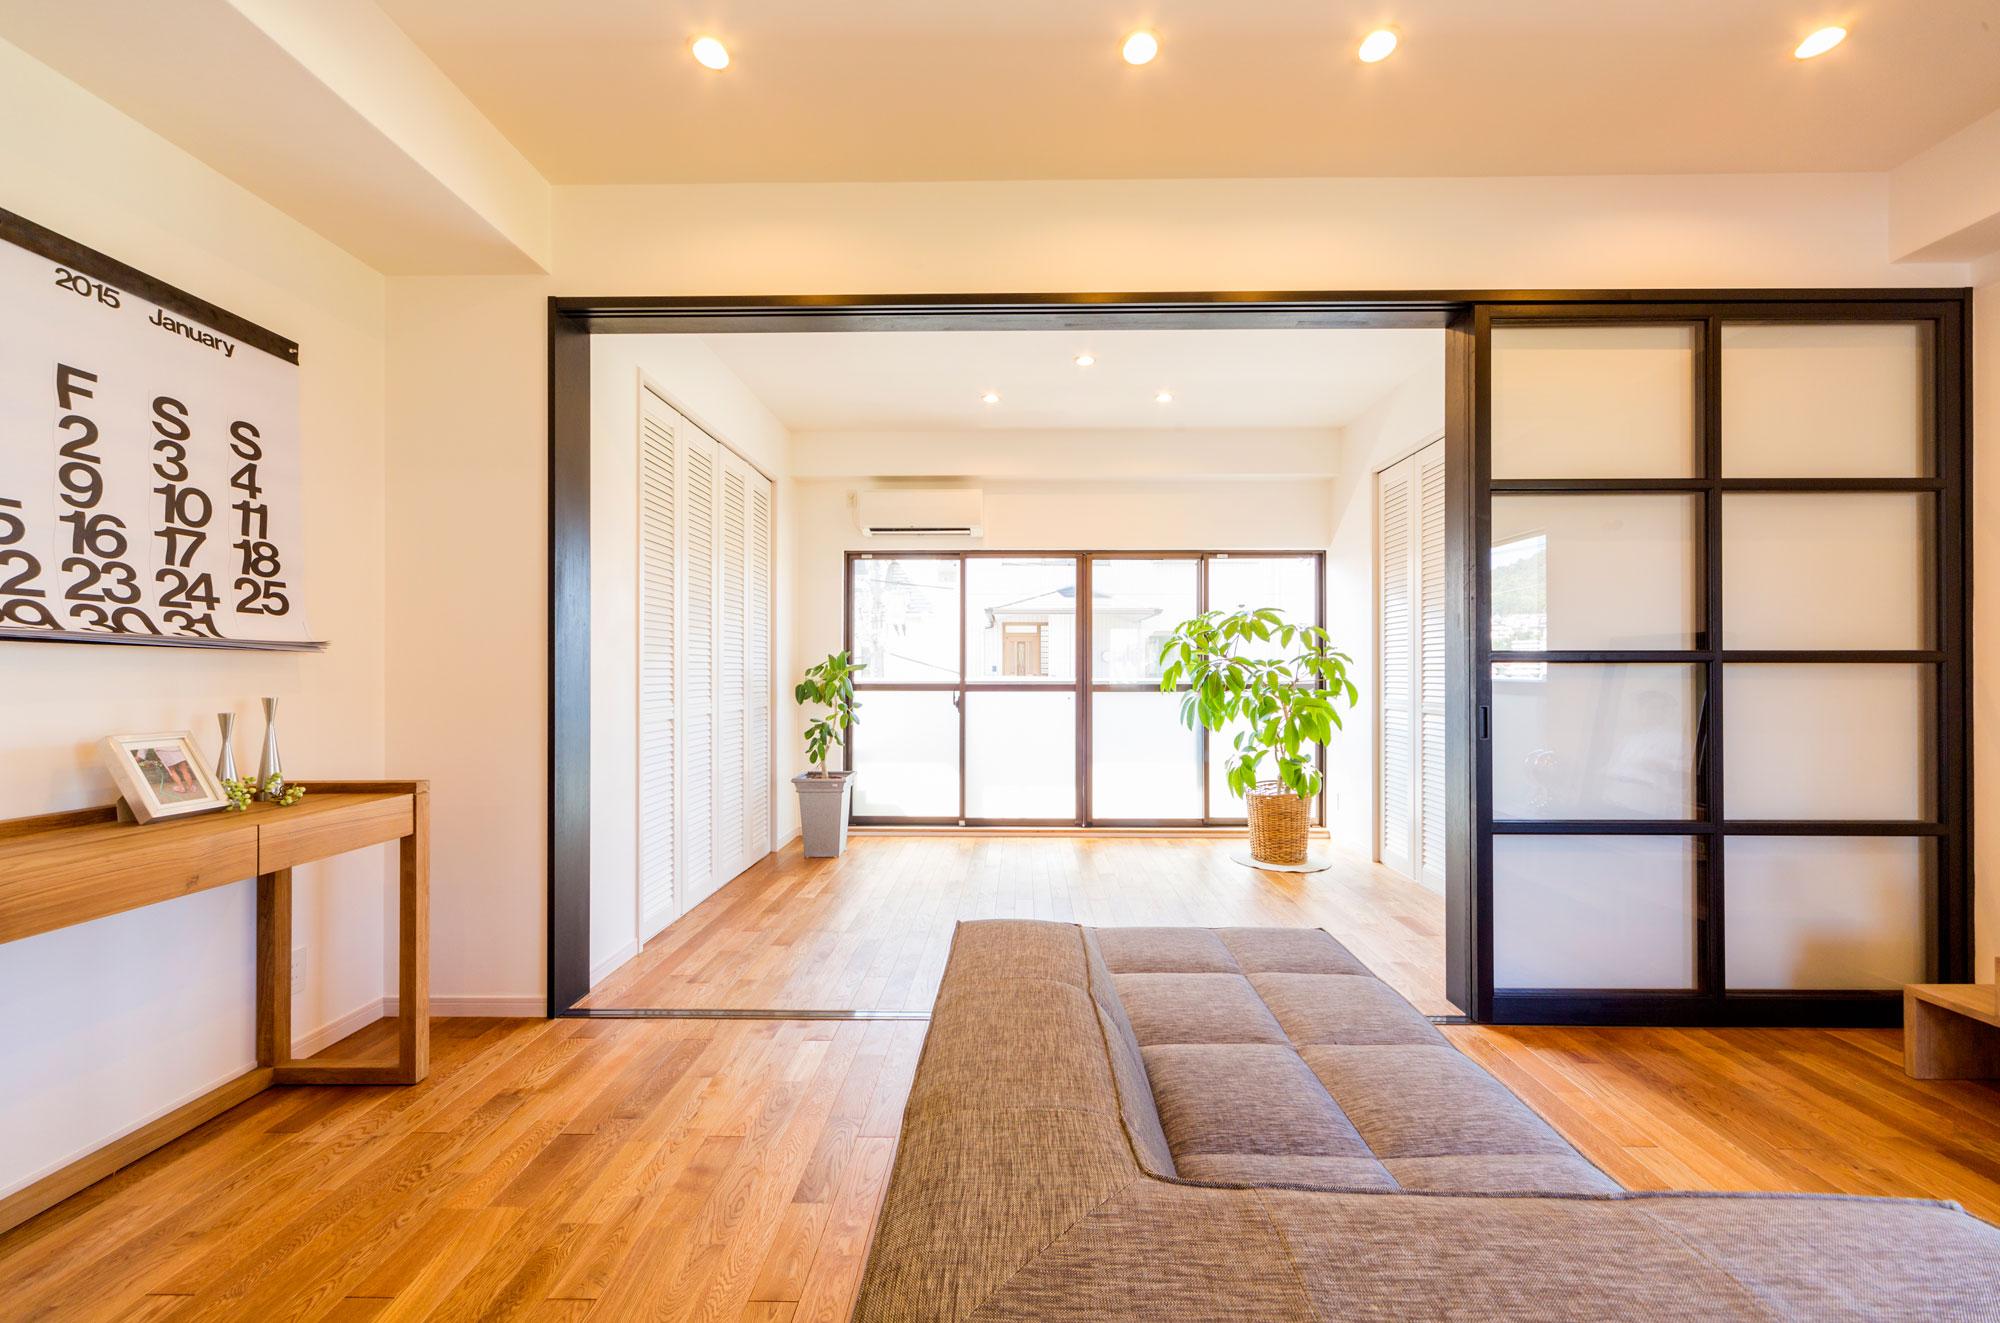 LDKと洋室のつながり。ガラス引き戸にしたことで、空間全体に明るい光があふれます。